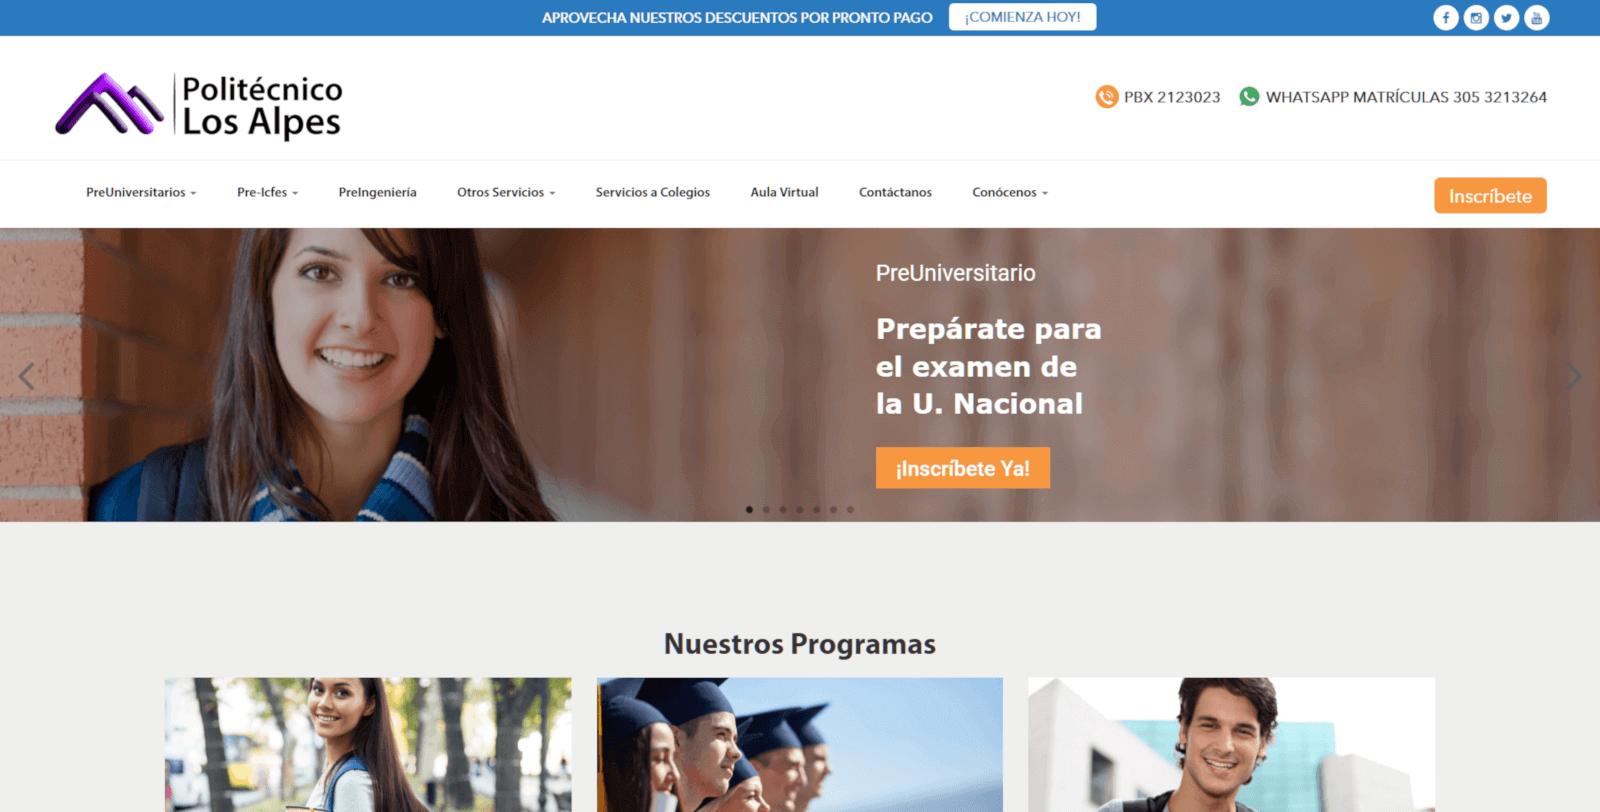 POLITECNICO LOS ALPES BOGOTA DISENO WEB